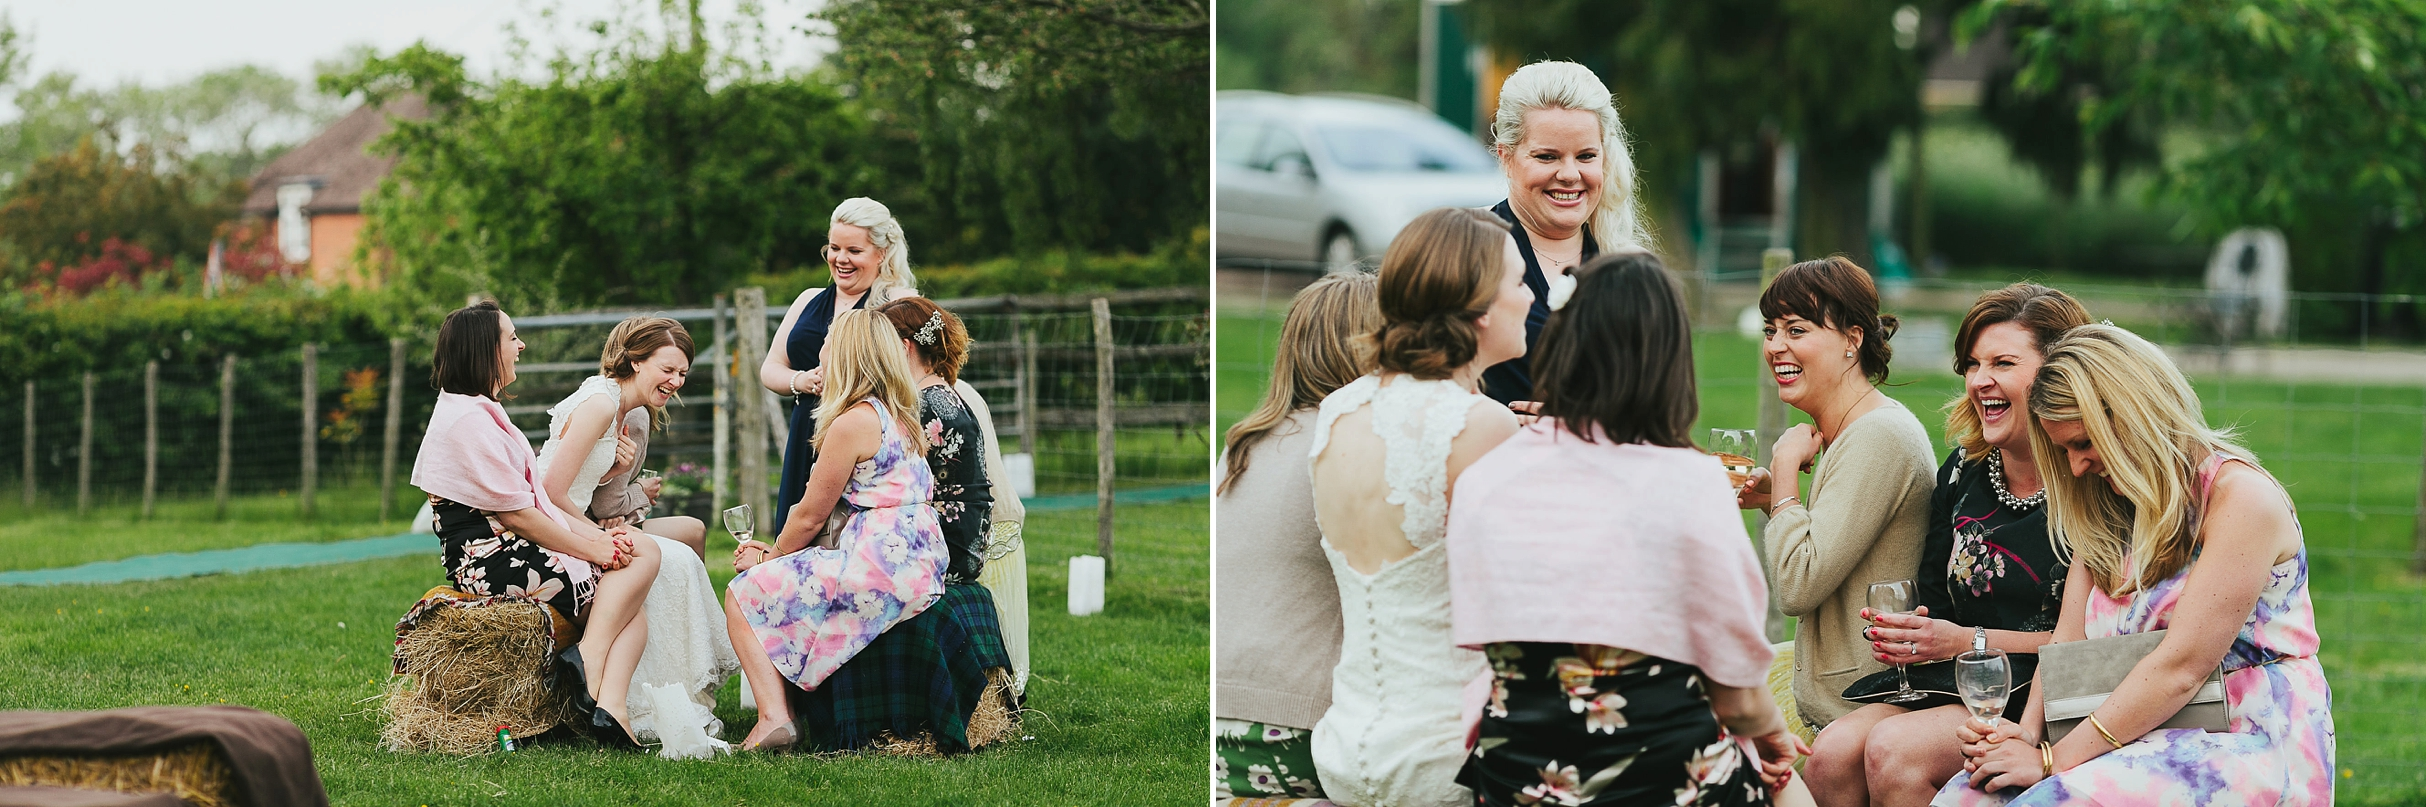 hay-bale-wedding